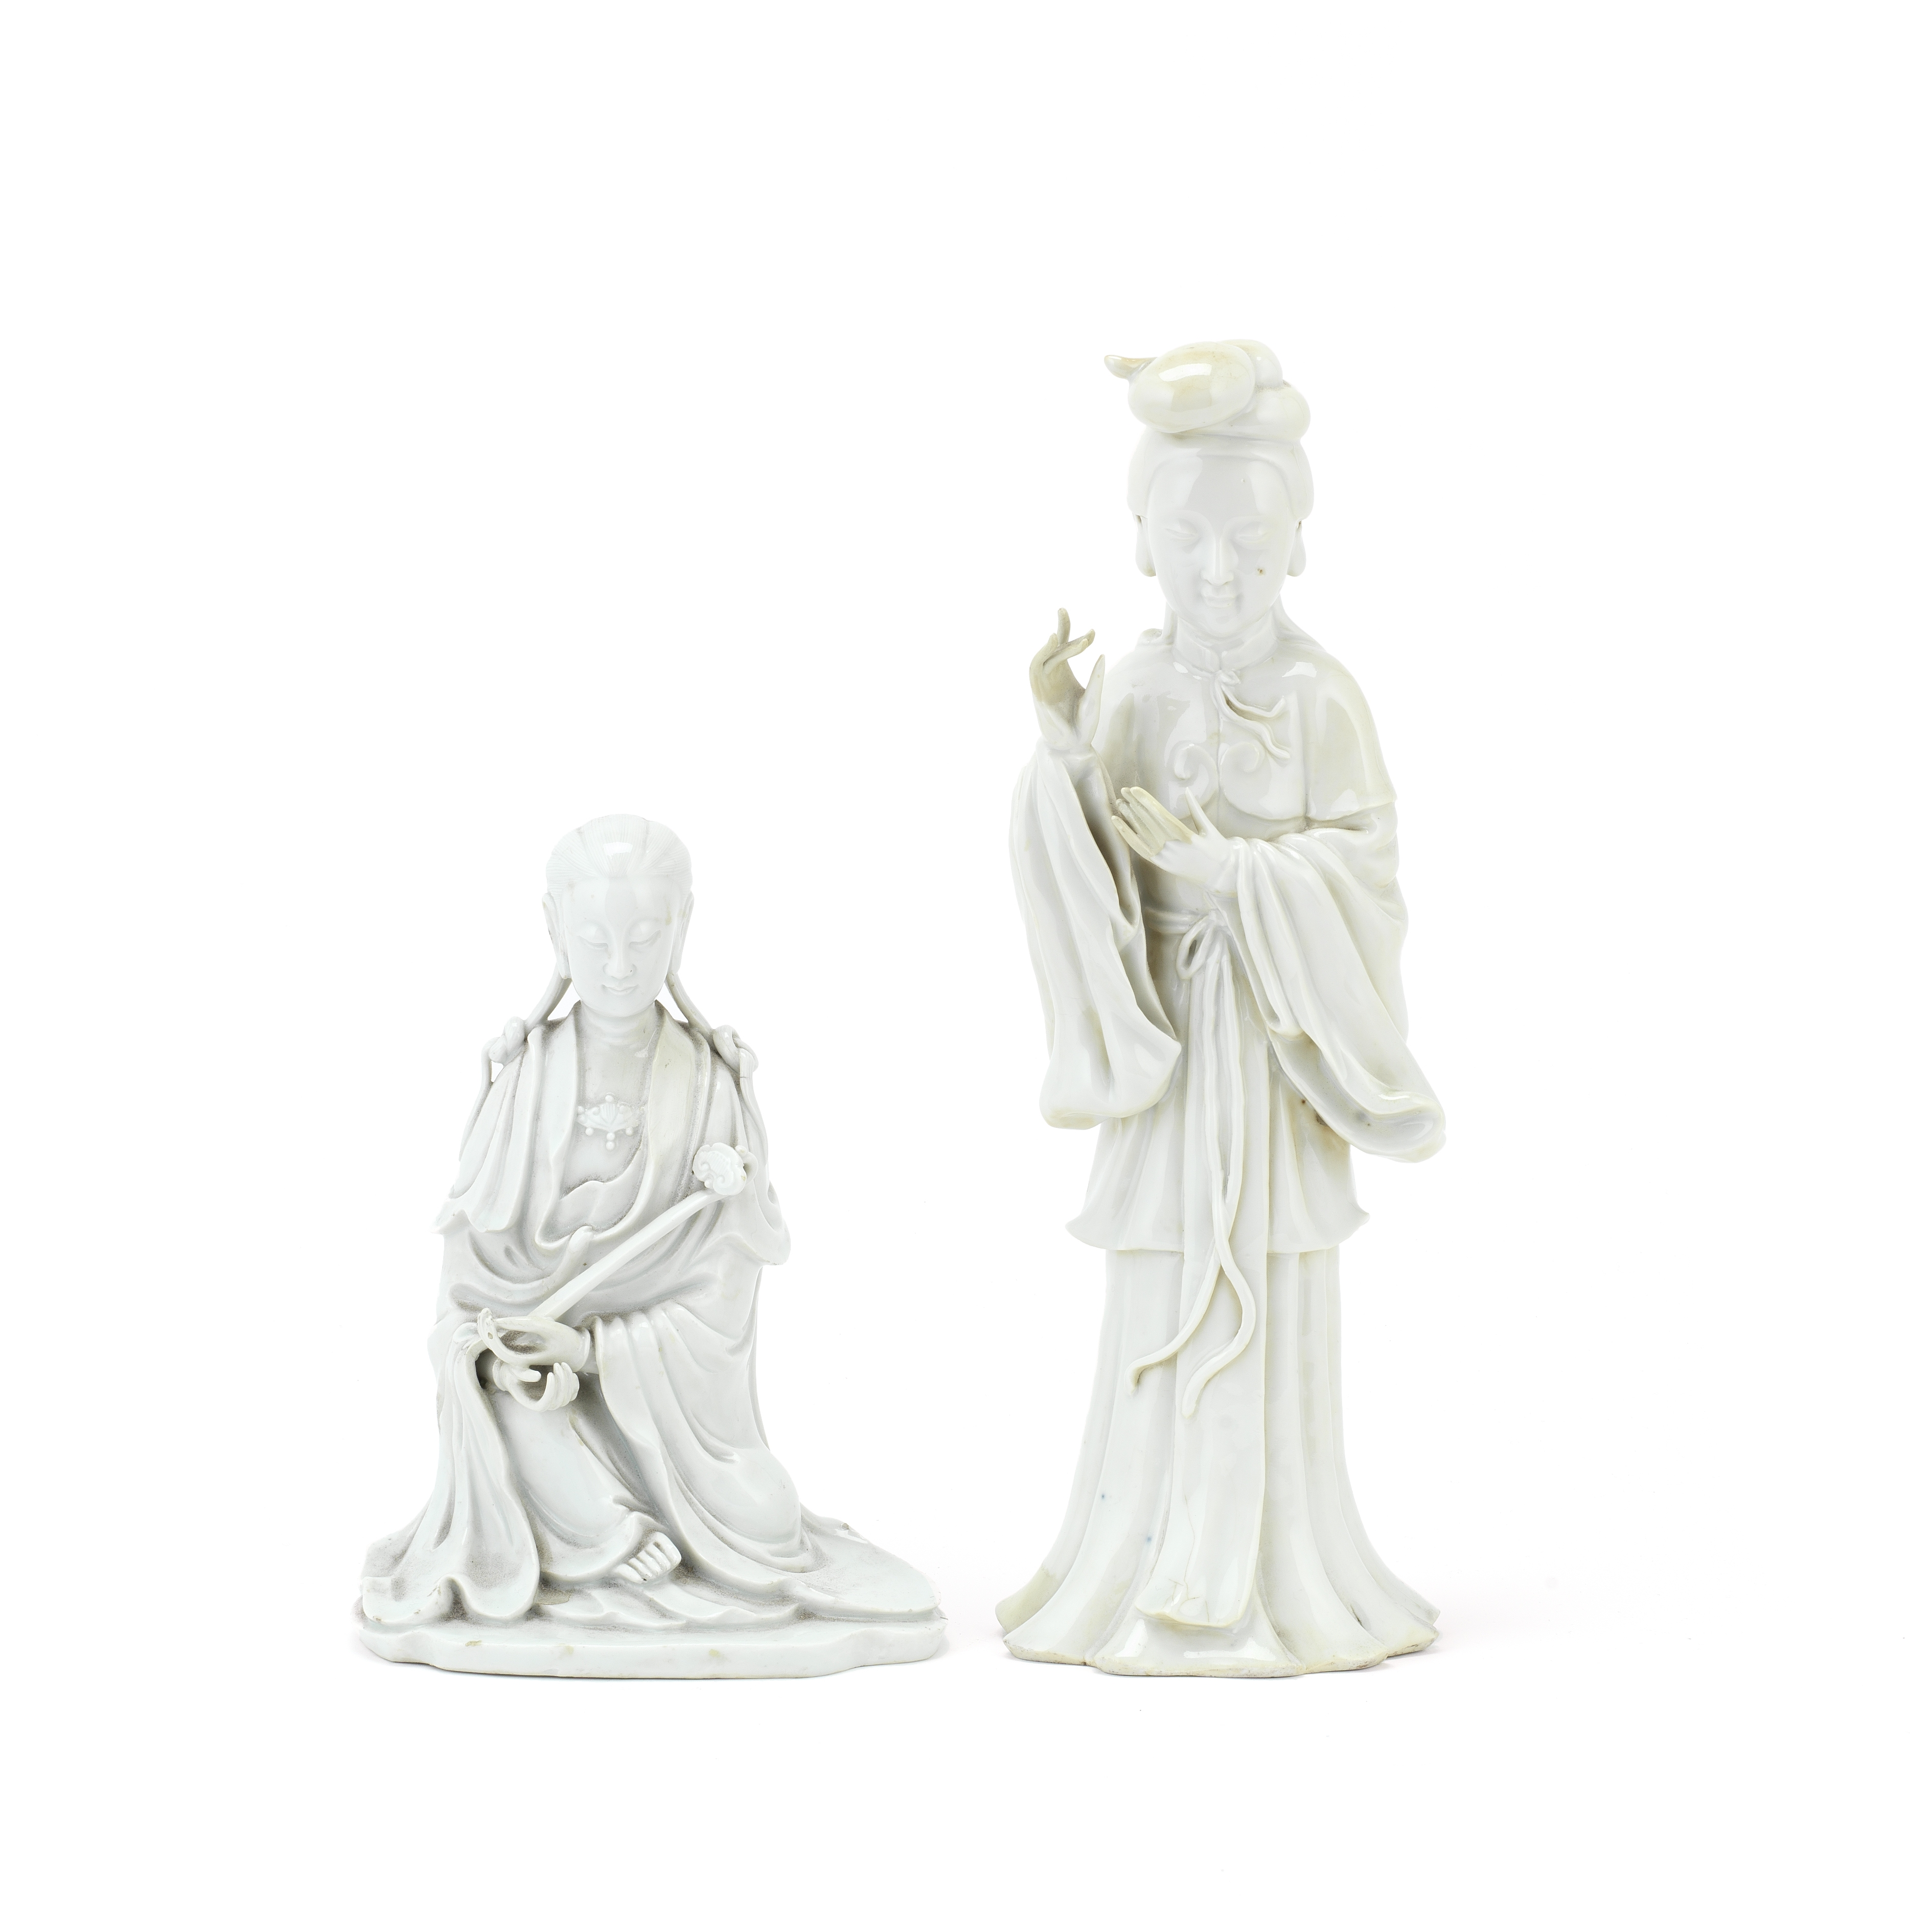 Two blanc-de-chine figures of Guanyin one wth 'xu xin de men' shop mark (1750-1800), the other 19...